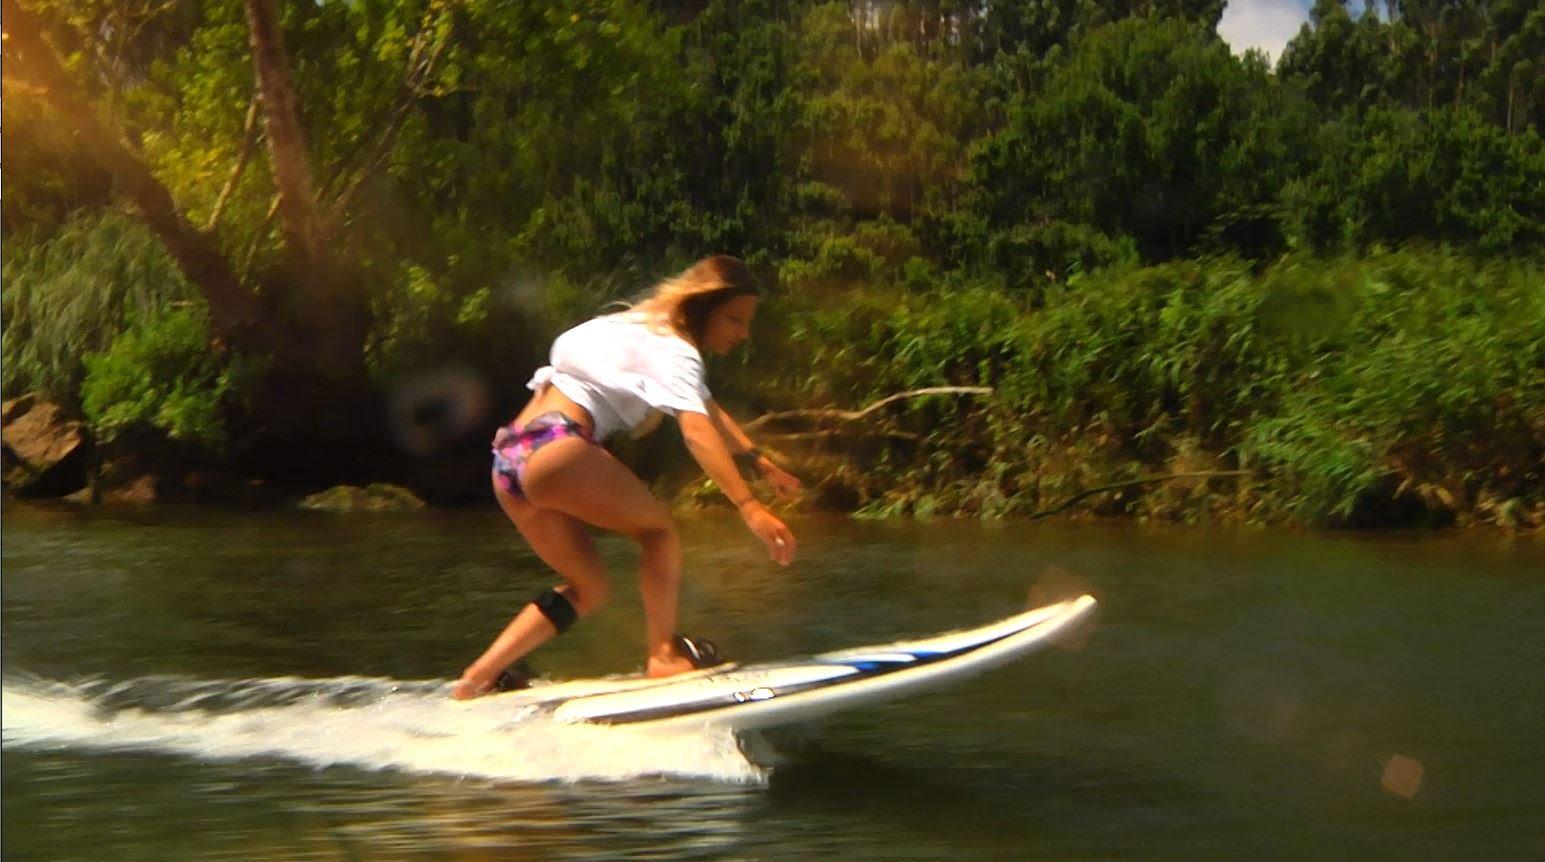 どこでも楽しめる! 波がなくてもサーフィンできるボード